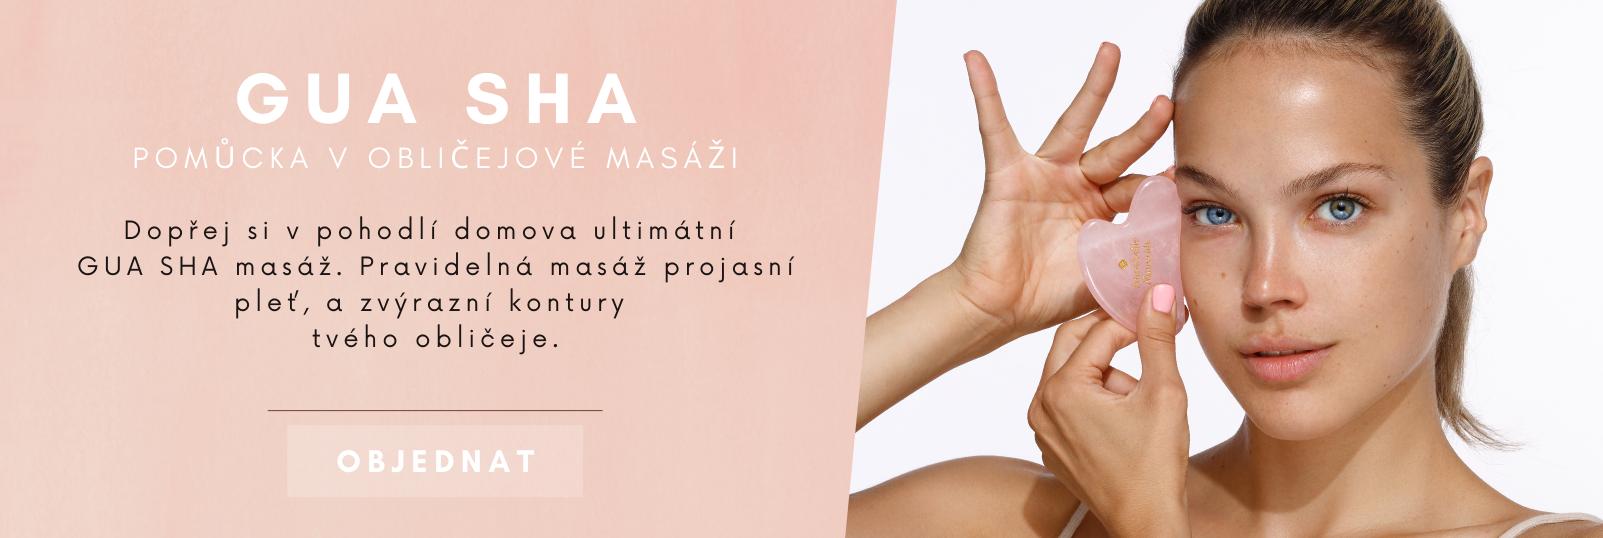 Pravidelná masáž zdůrazňuje kontury obličeje a snižuje hloubku vrásek.